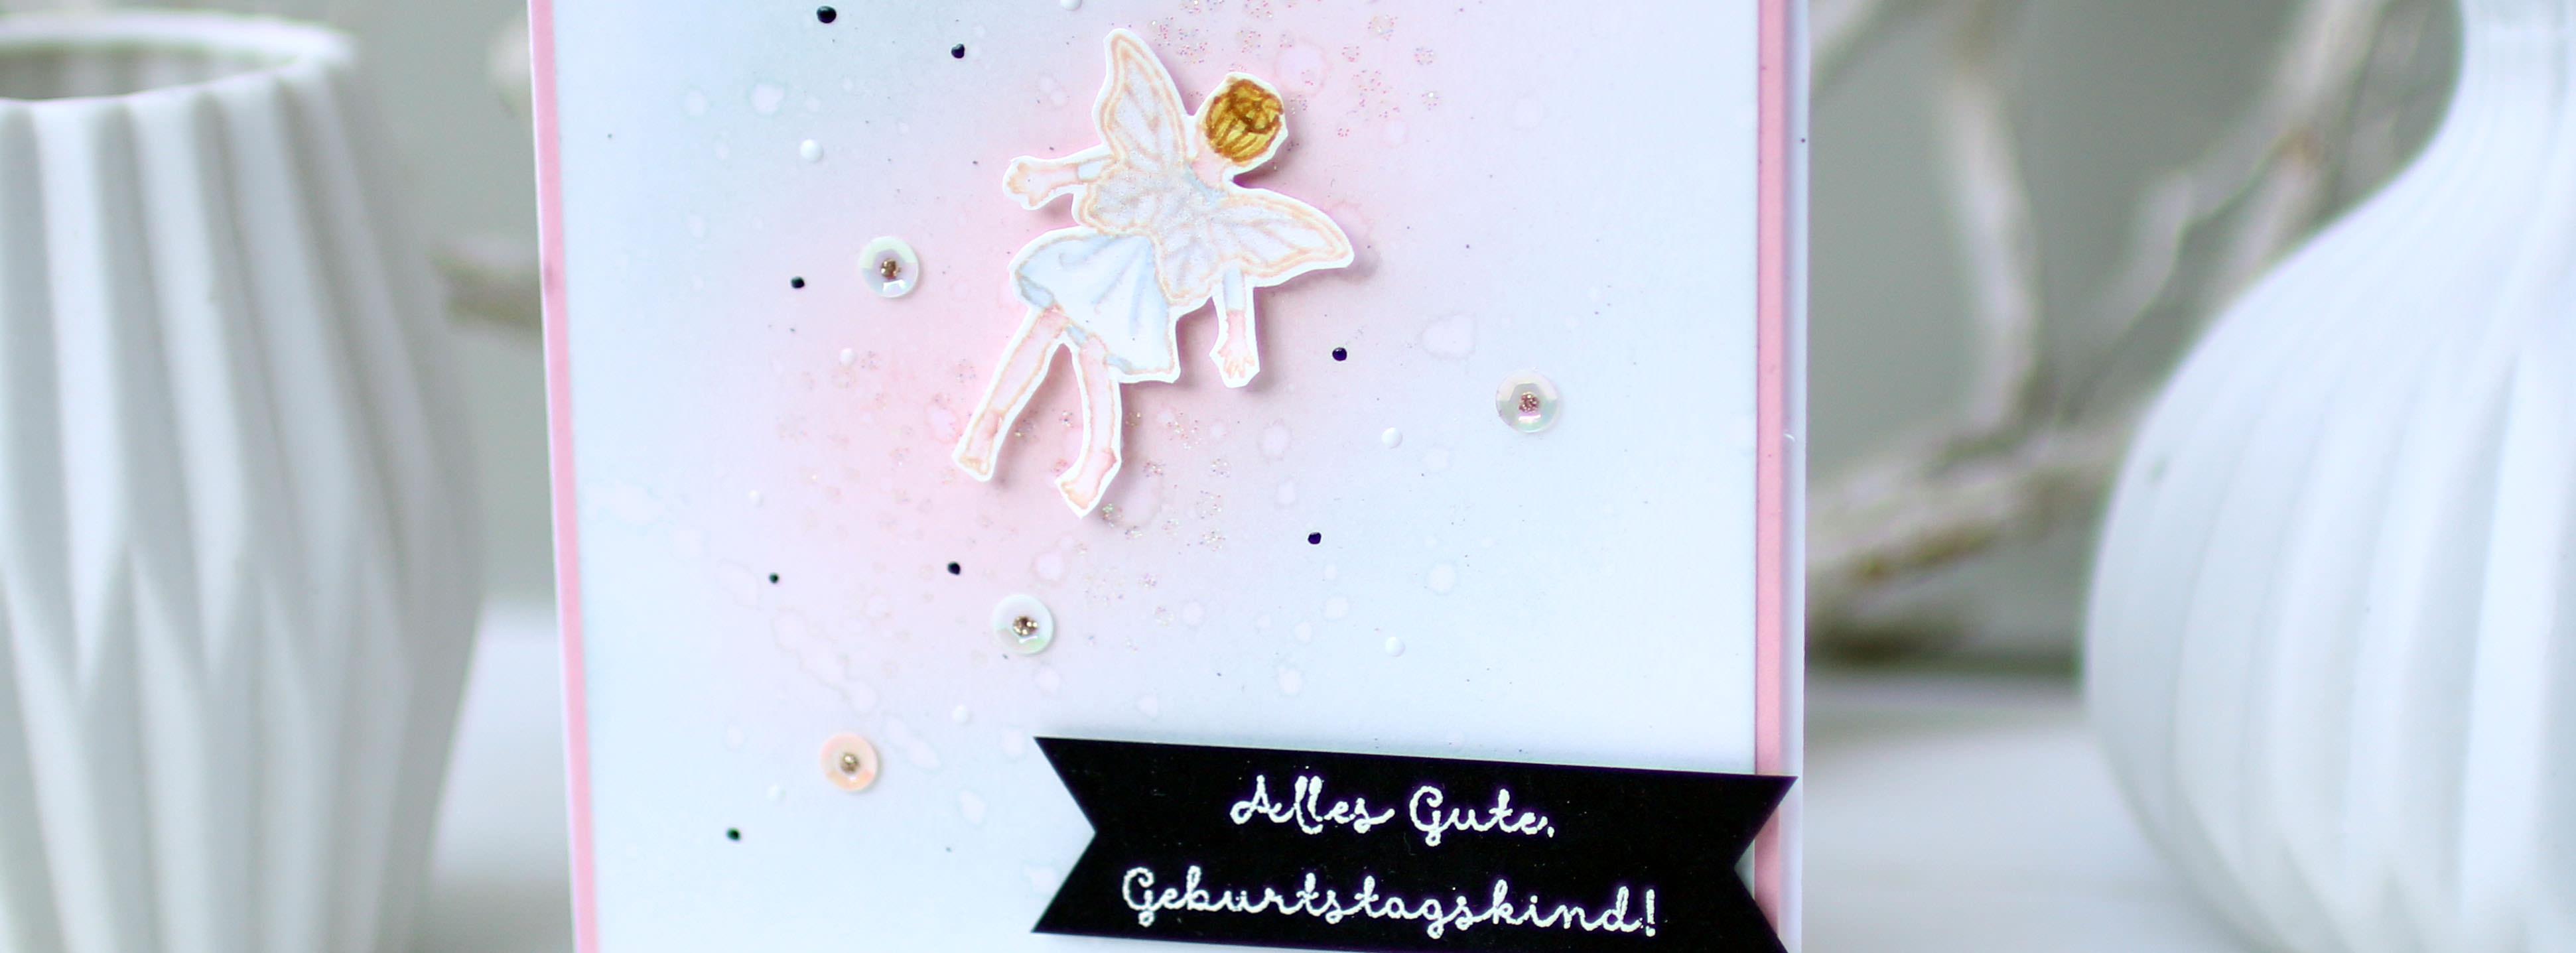 Stampin Up - Stempelherz - Geburtstagskarte - Stempelset Einfach zauberhaft - zauberhafte Geburtstagskarte Beitragsbild